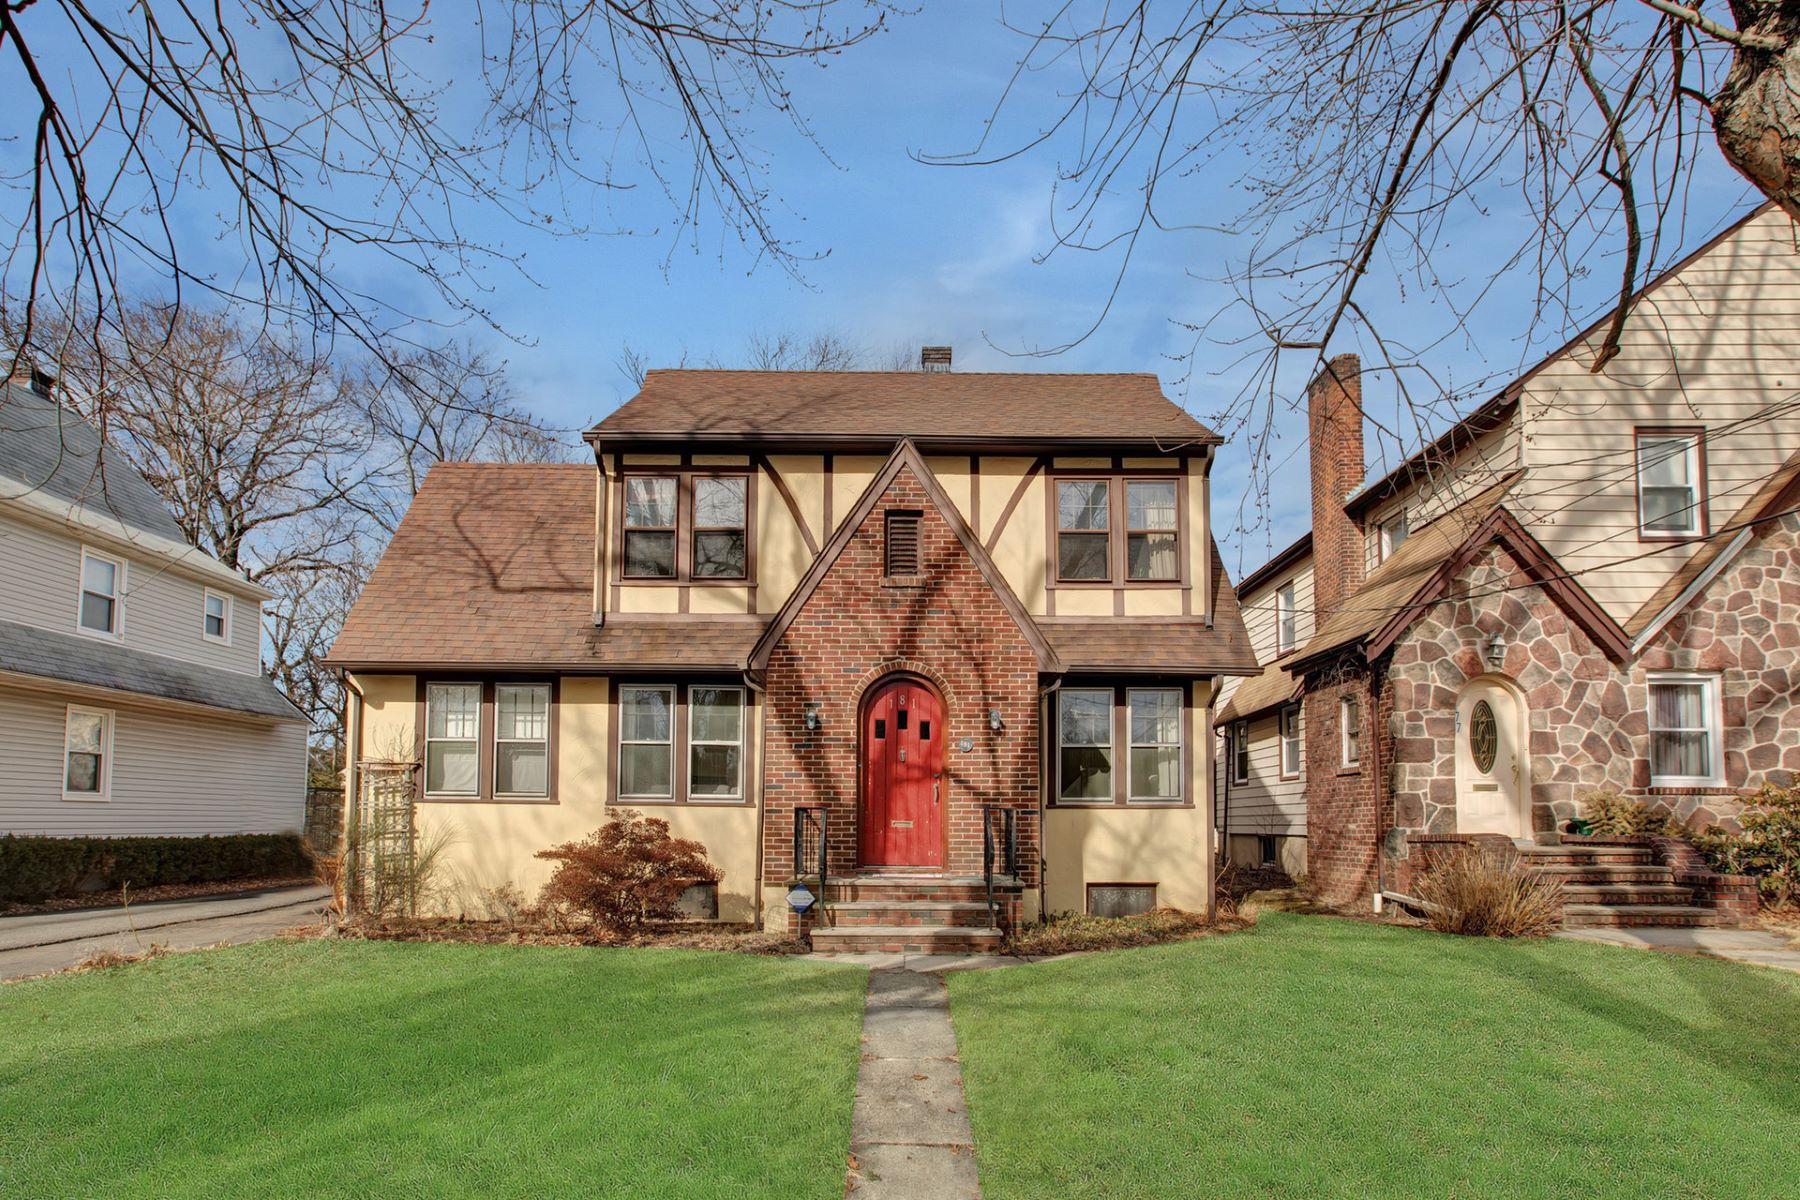 Частный односемейный дом для того Продажа на Location! Location! 181 Cambridge Ave, Englewood, Нью-Джерси, 07631 Соединенные Штаты